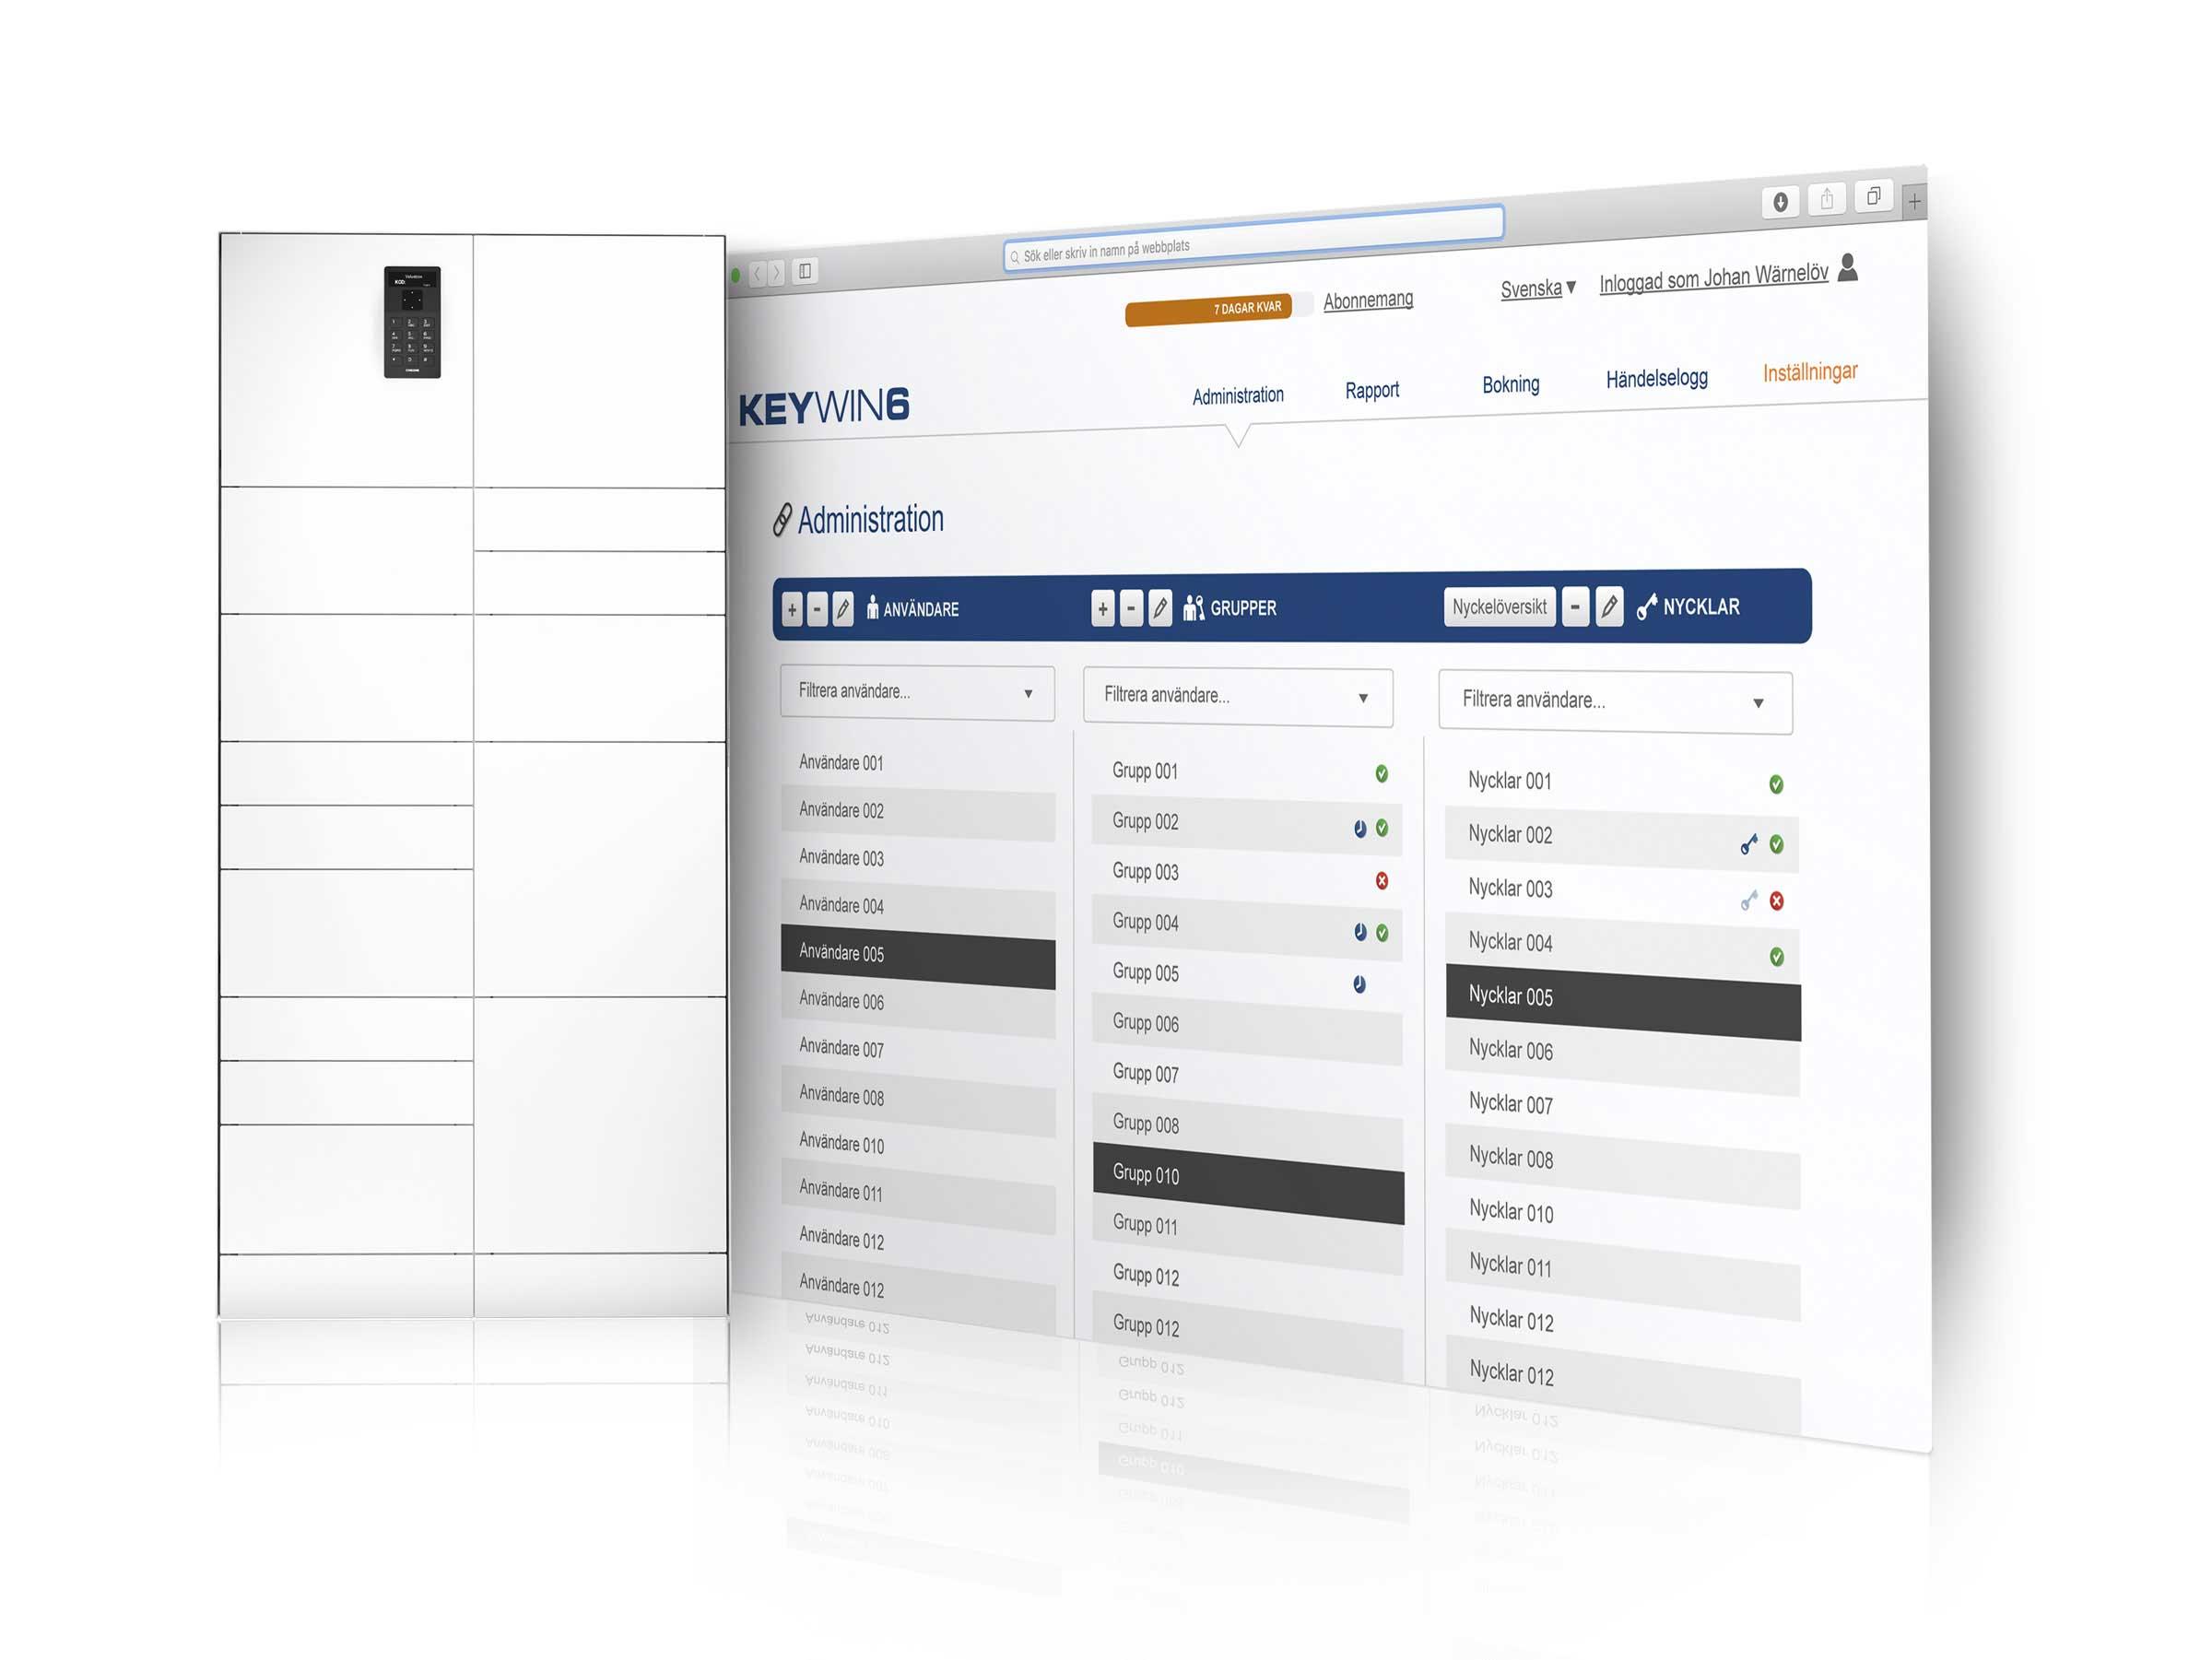 Gestion d'objets avec une armoire forte ValueBox dotée du logiciel KeyWin6 qui enregistre tout ce qui se passe